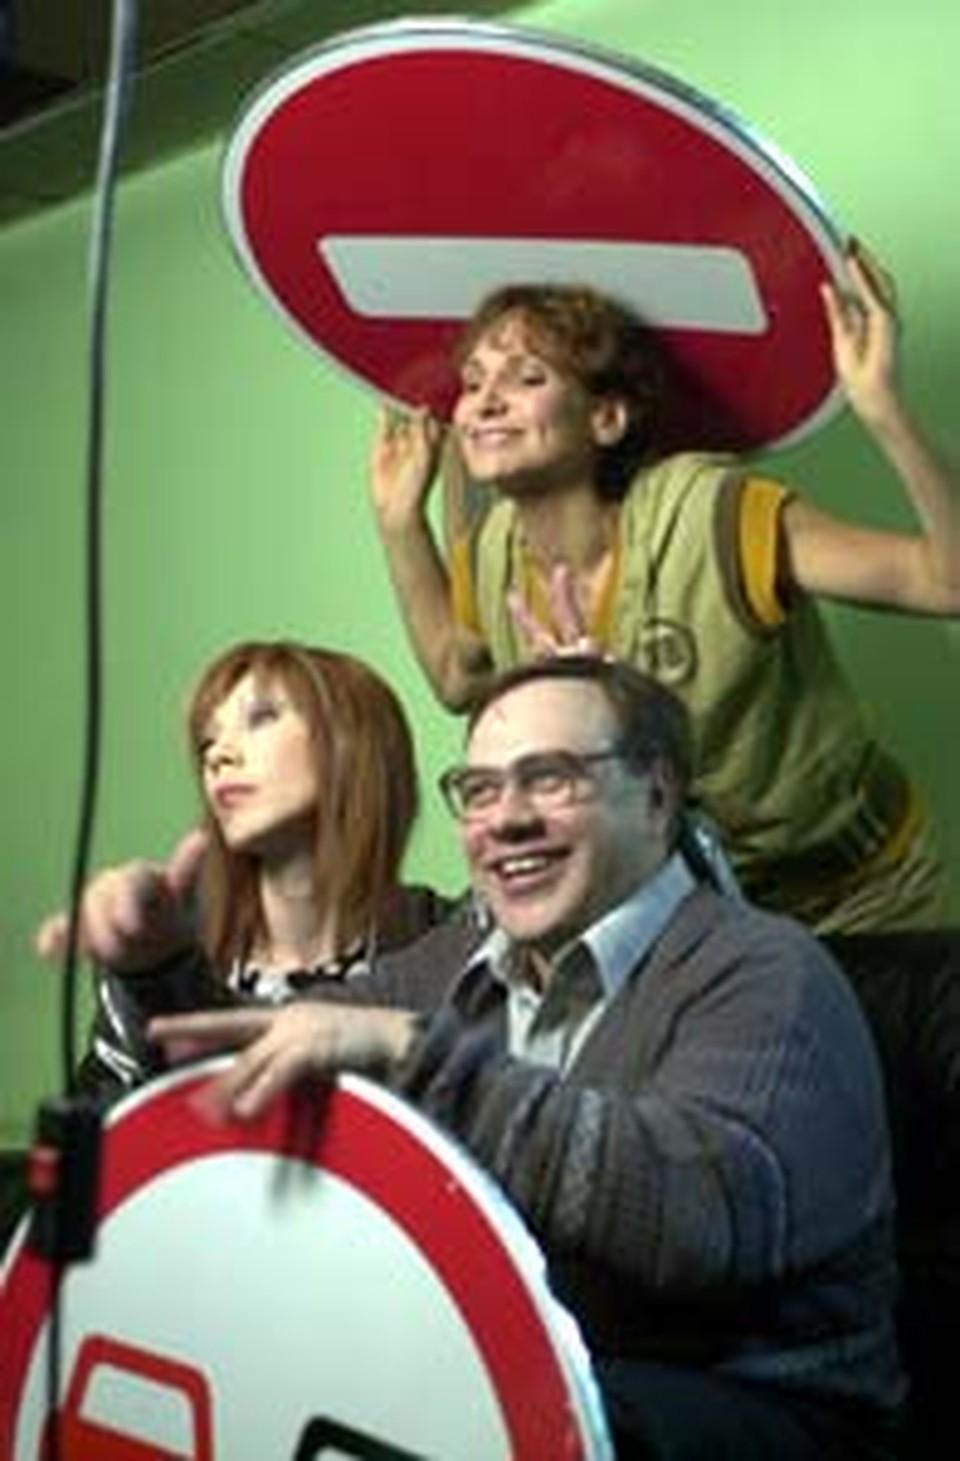 Фото на память! Актеры из сериала «Таксистка»: Татьяна Рудина (слева), Людмила Артемьева (вверху), Александр Чернявский (справа).